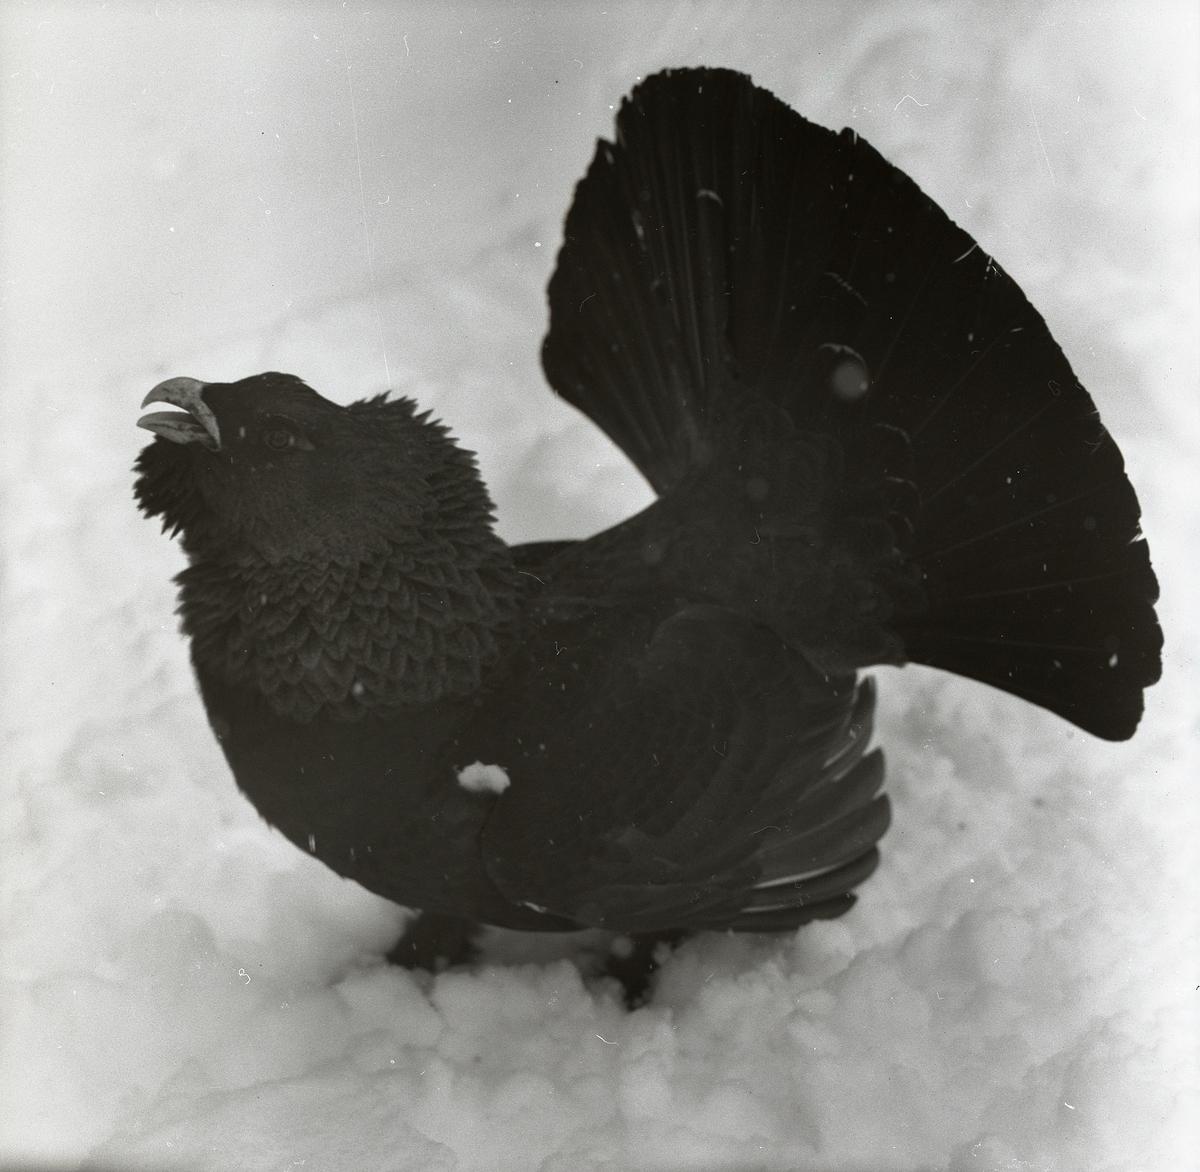 En tjäder står på den snöiga marken i Björktjära den 14 april 1956.